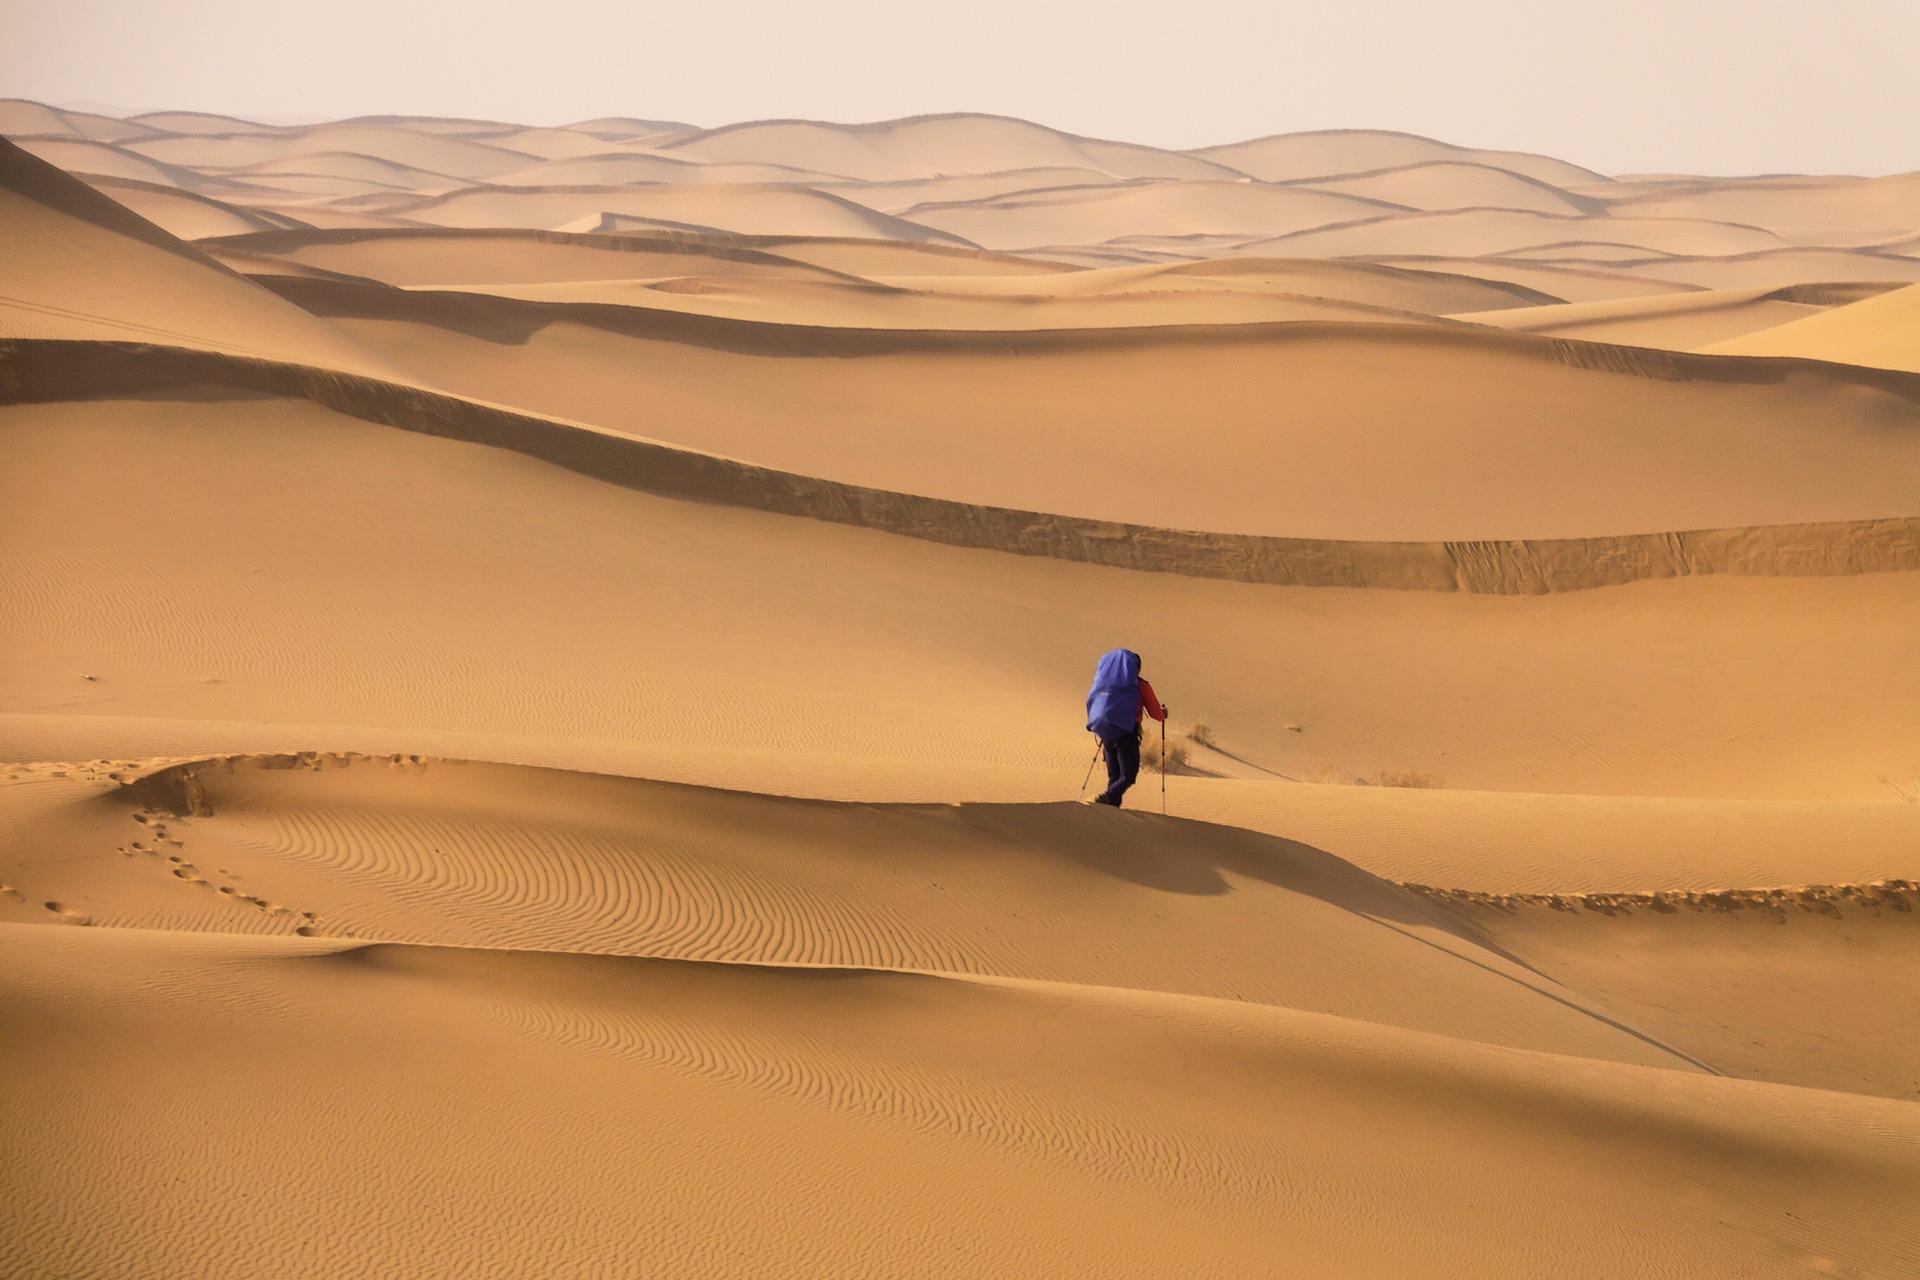 腾格里沙漠心之所向- 人在画中的徒步旅程